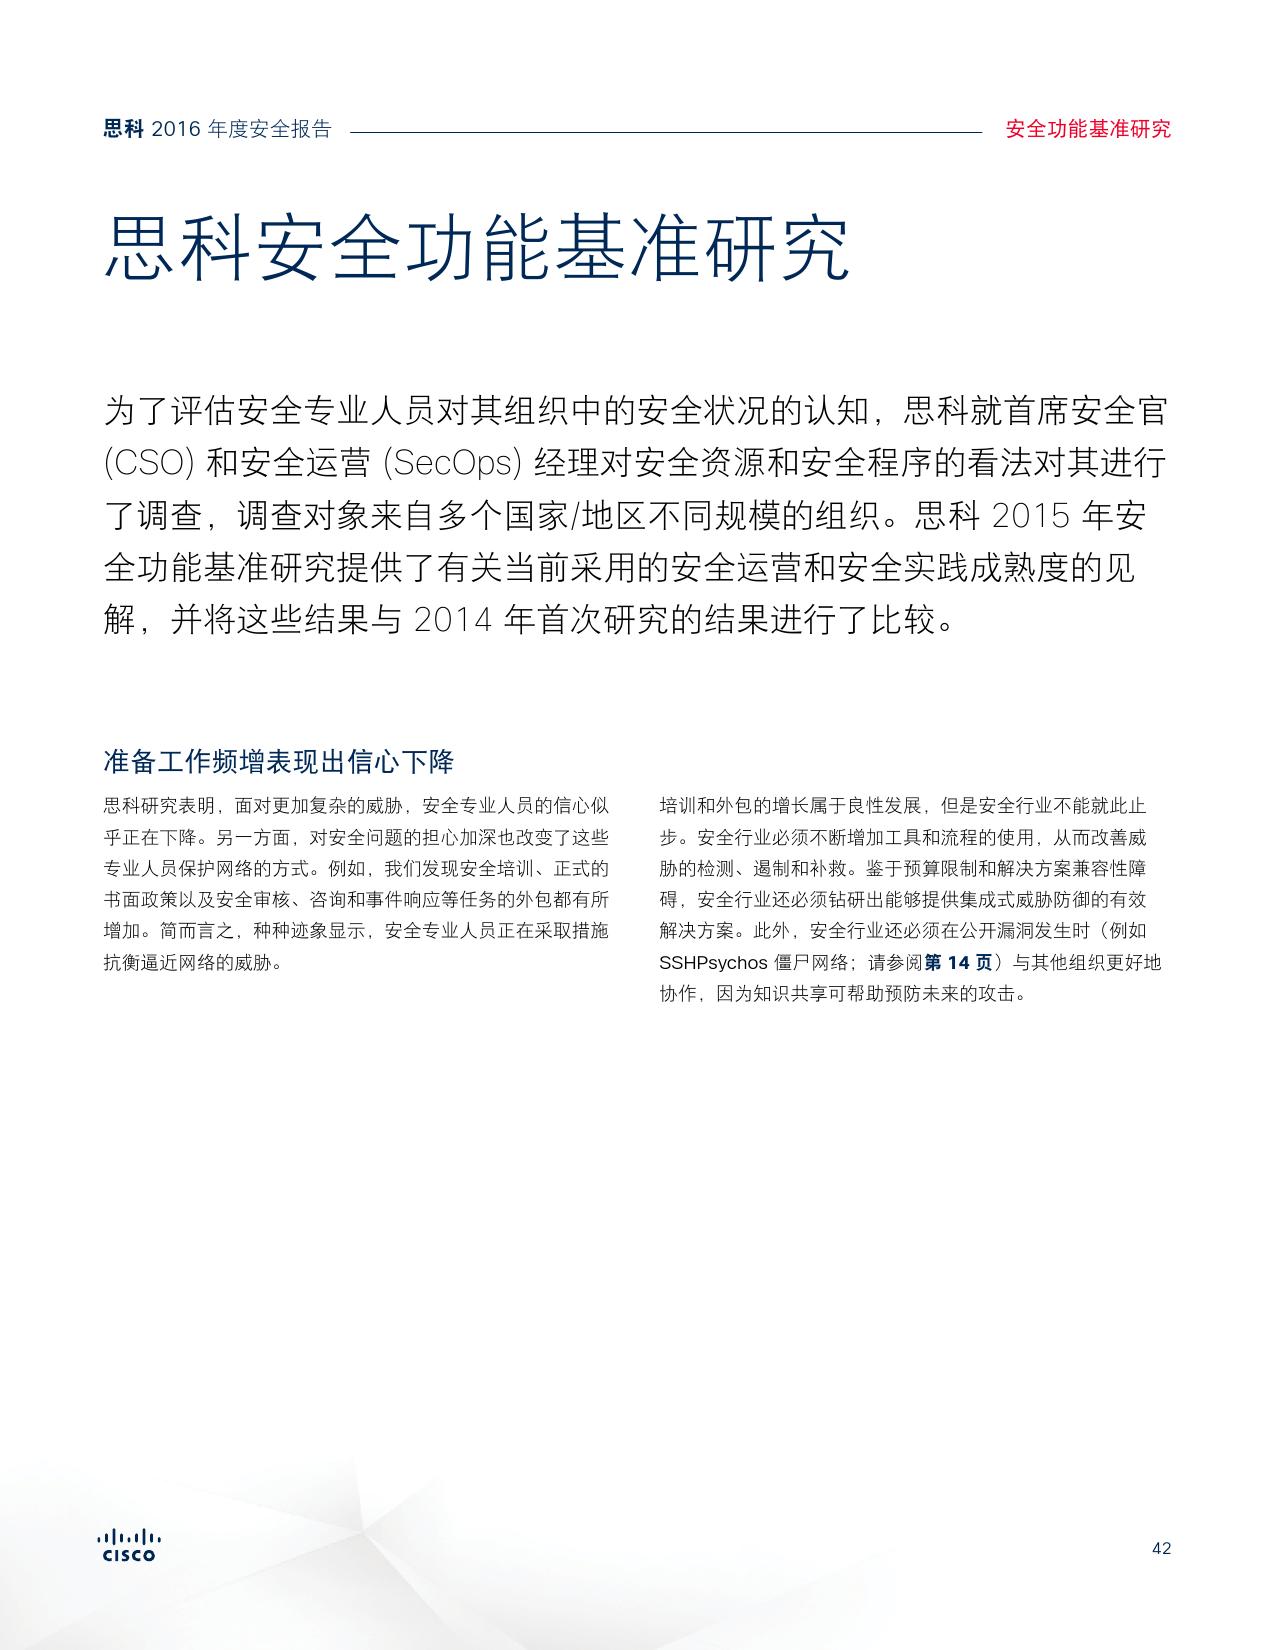 2016年中网络安全报告_000042